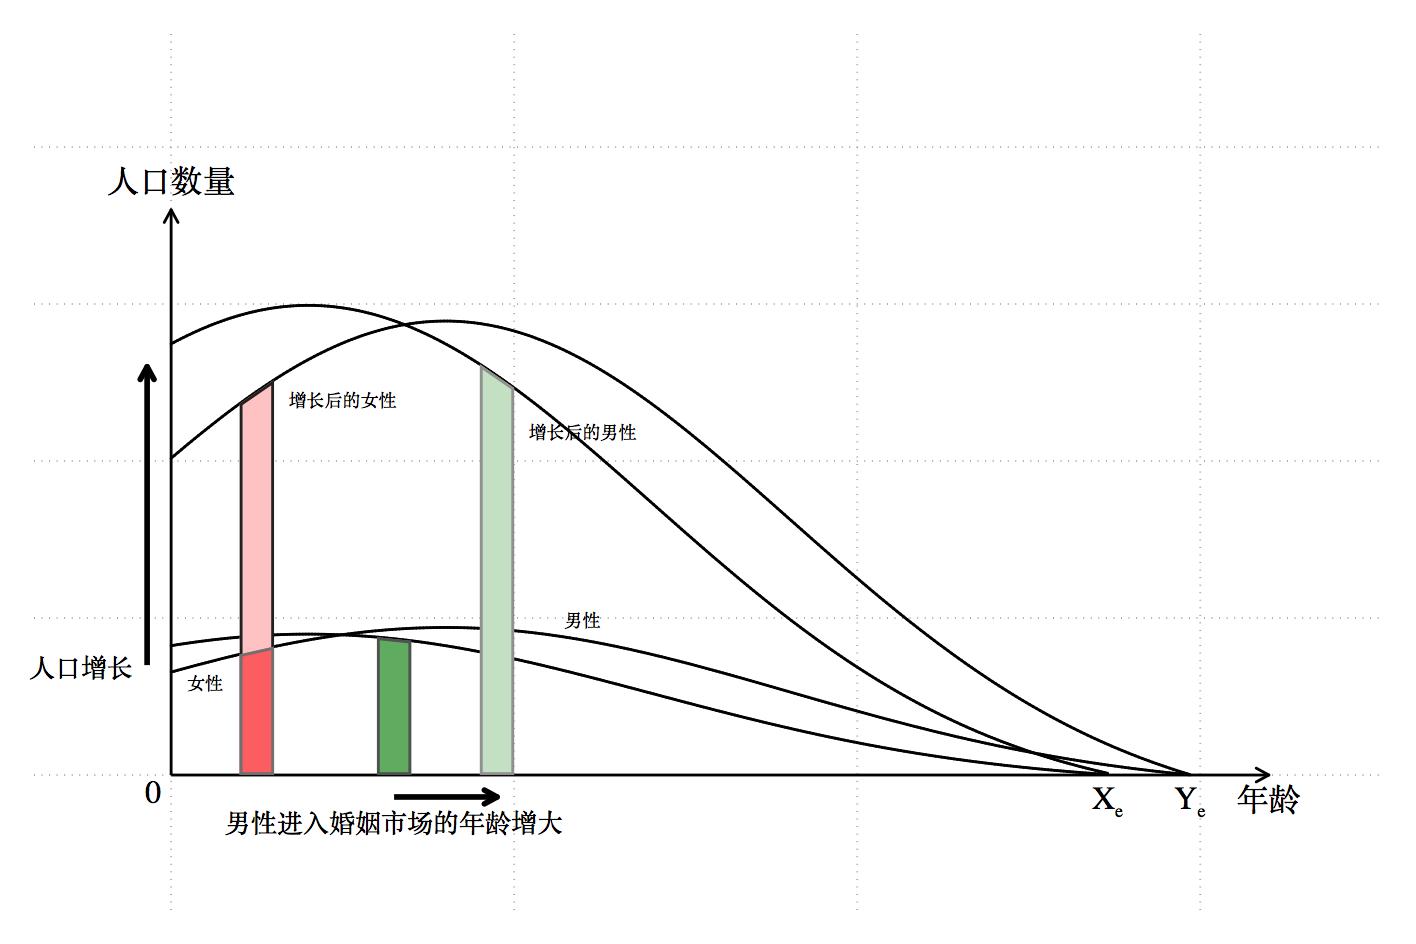 出生性别比例的失衡与婚姻市场的挤压